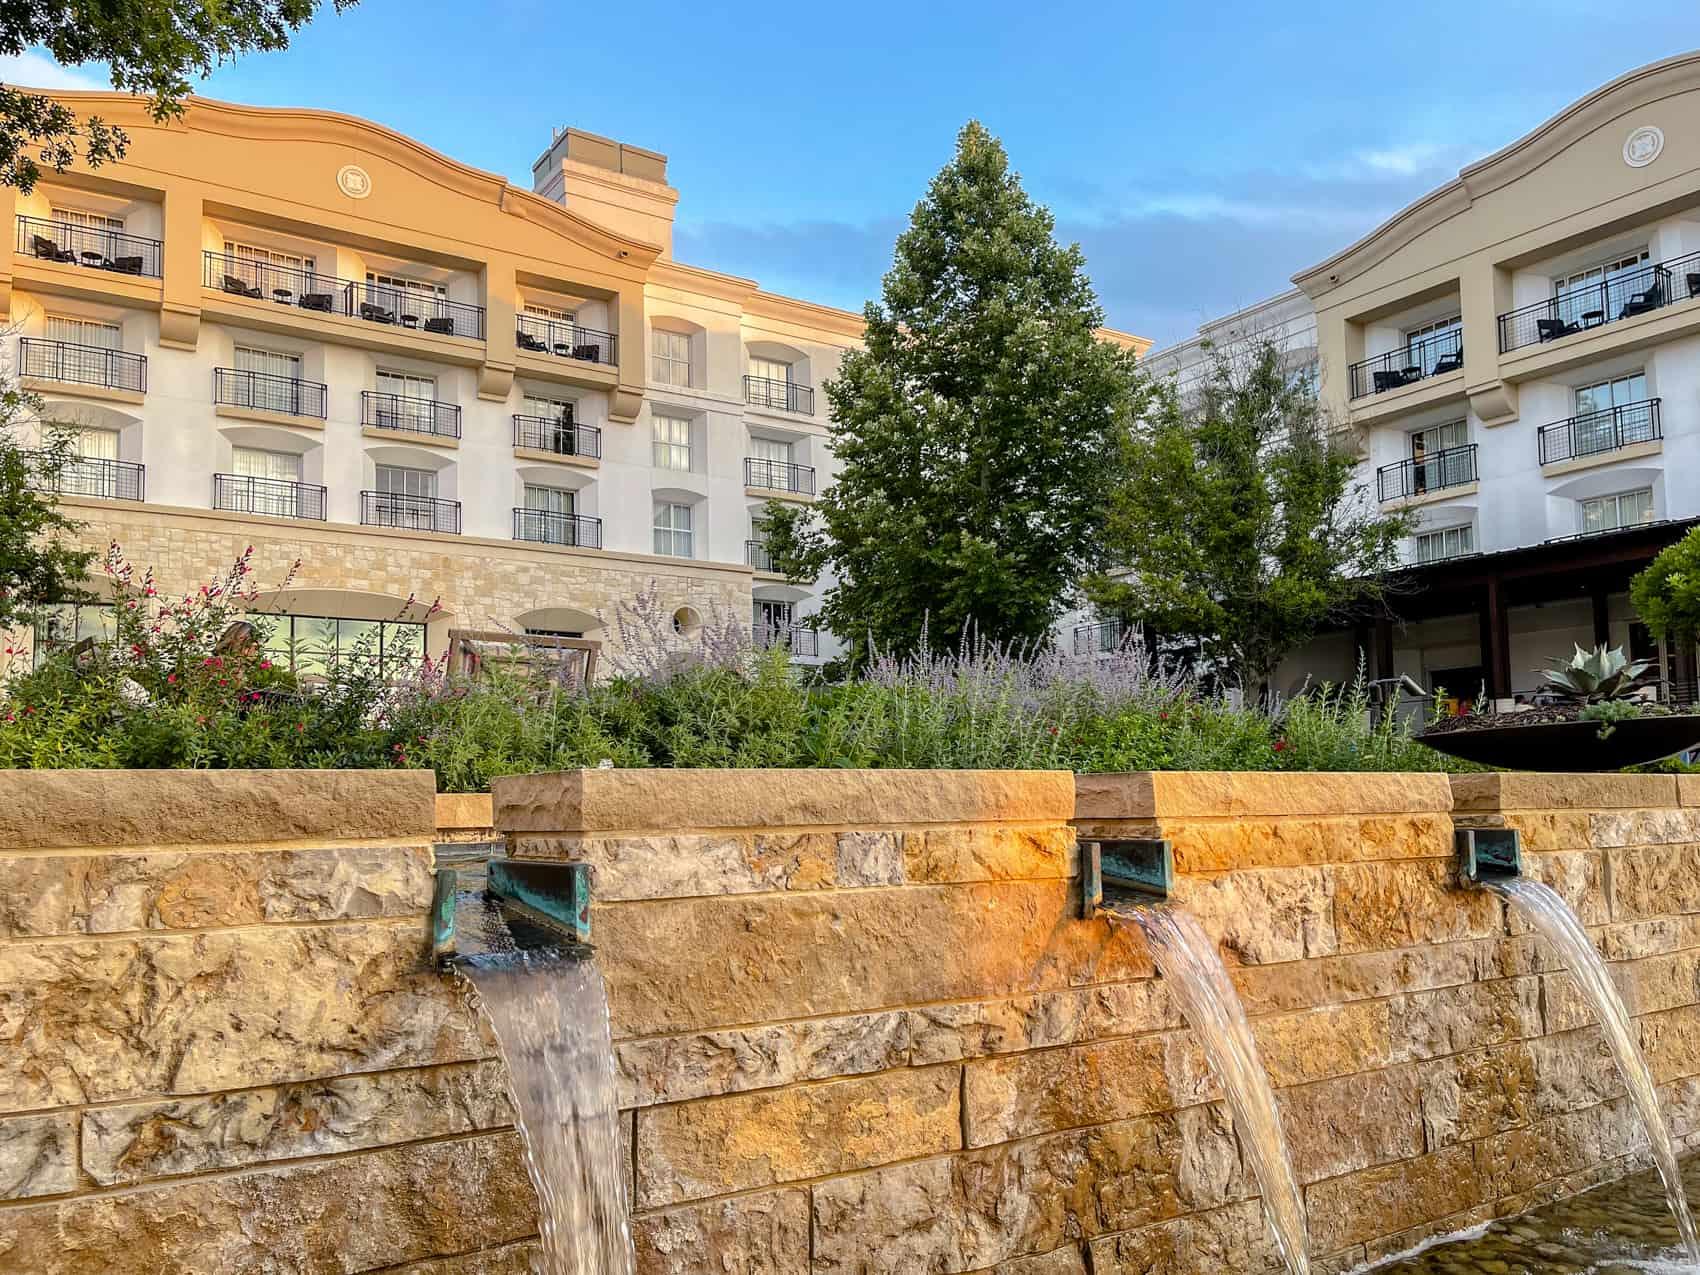 La Cantera Resort and Spa